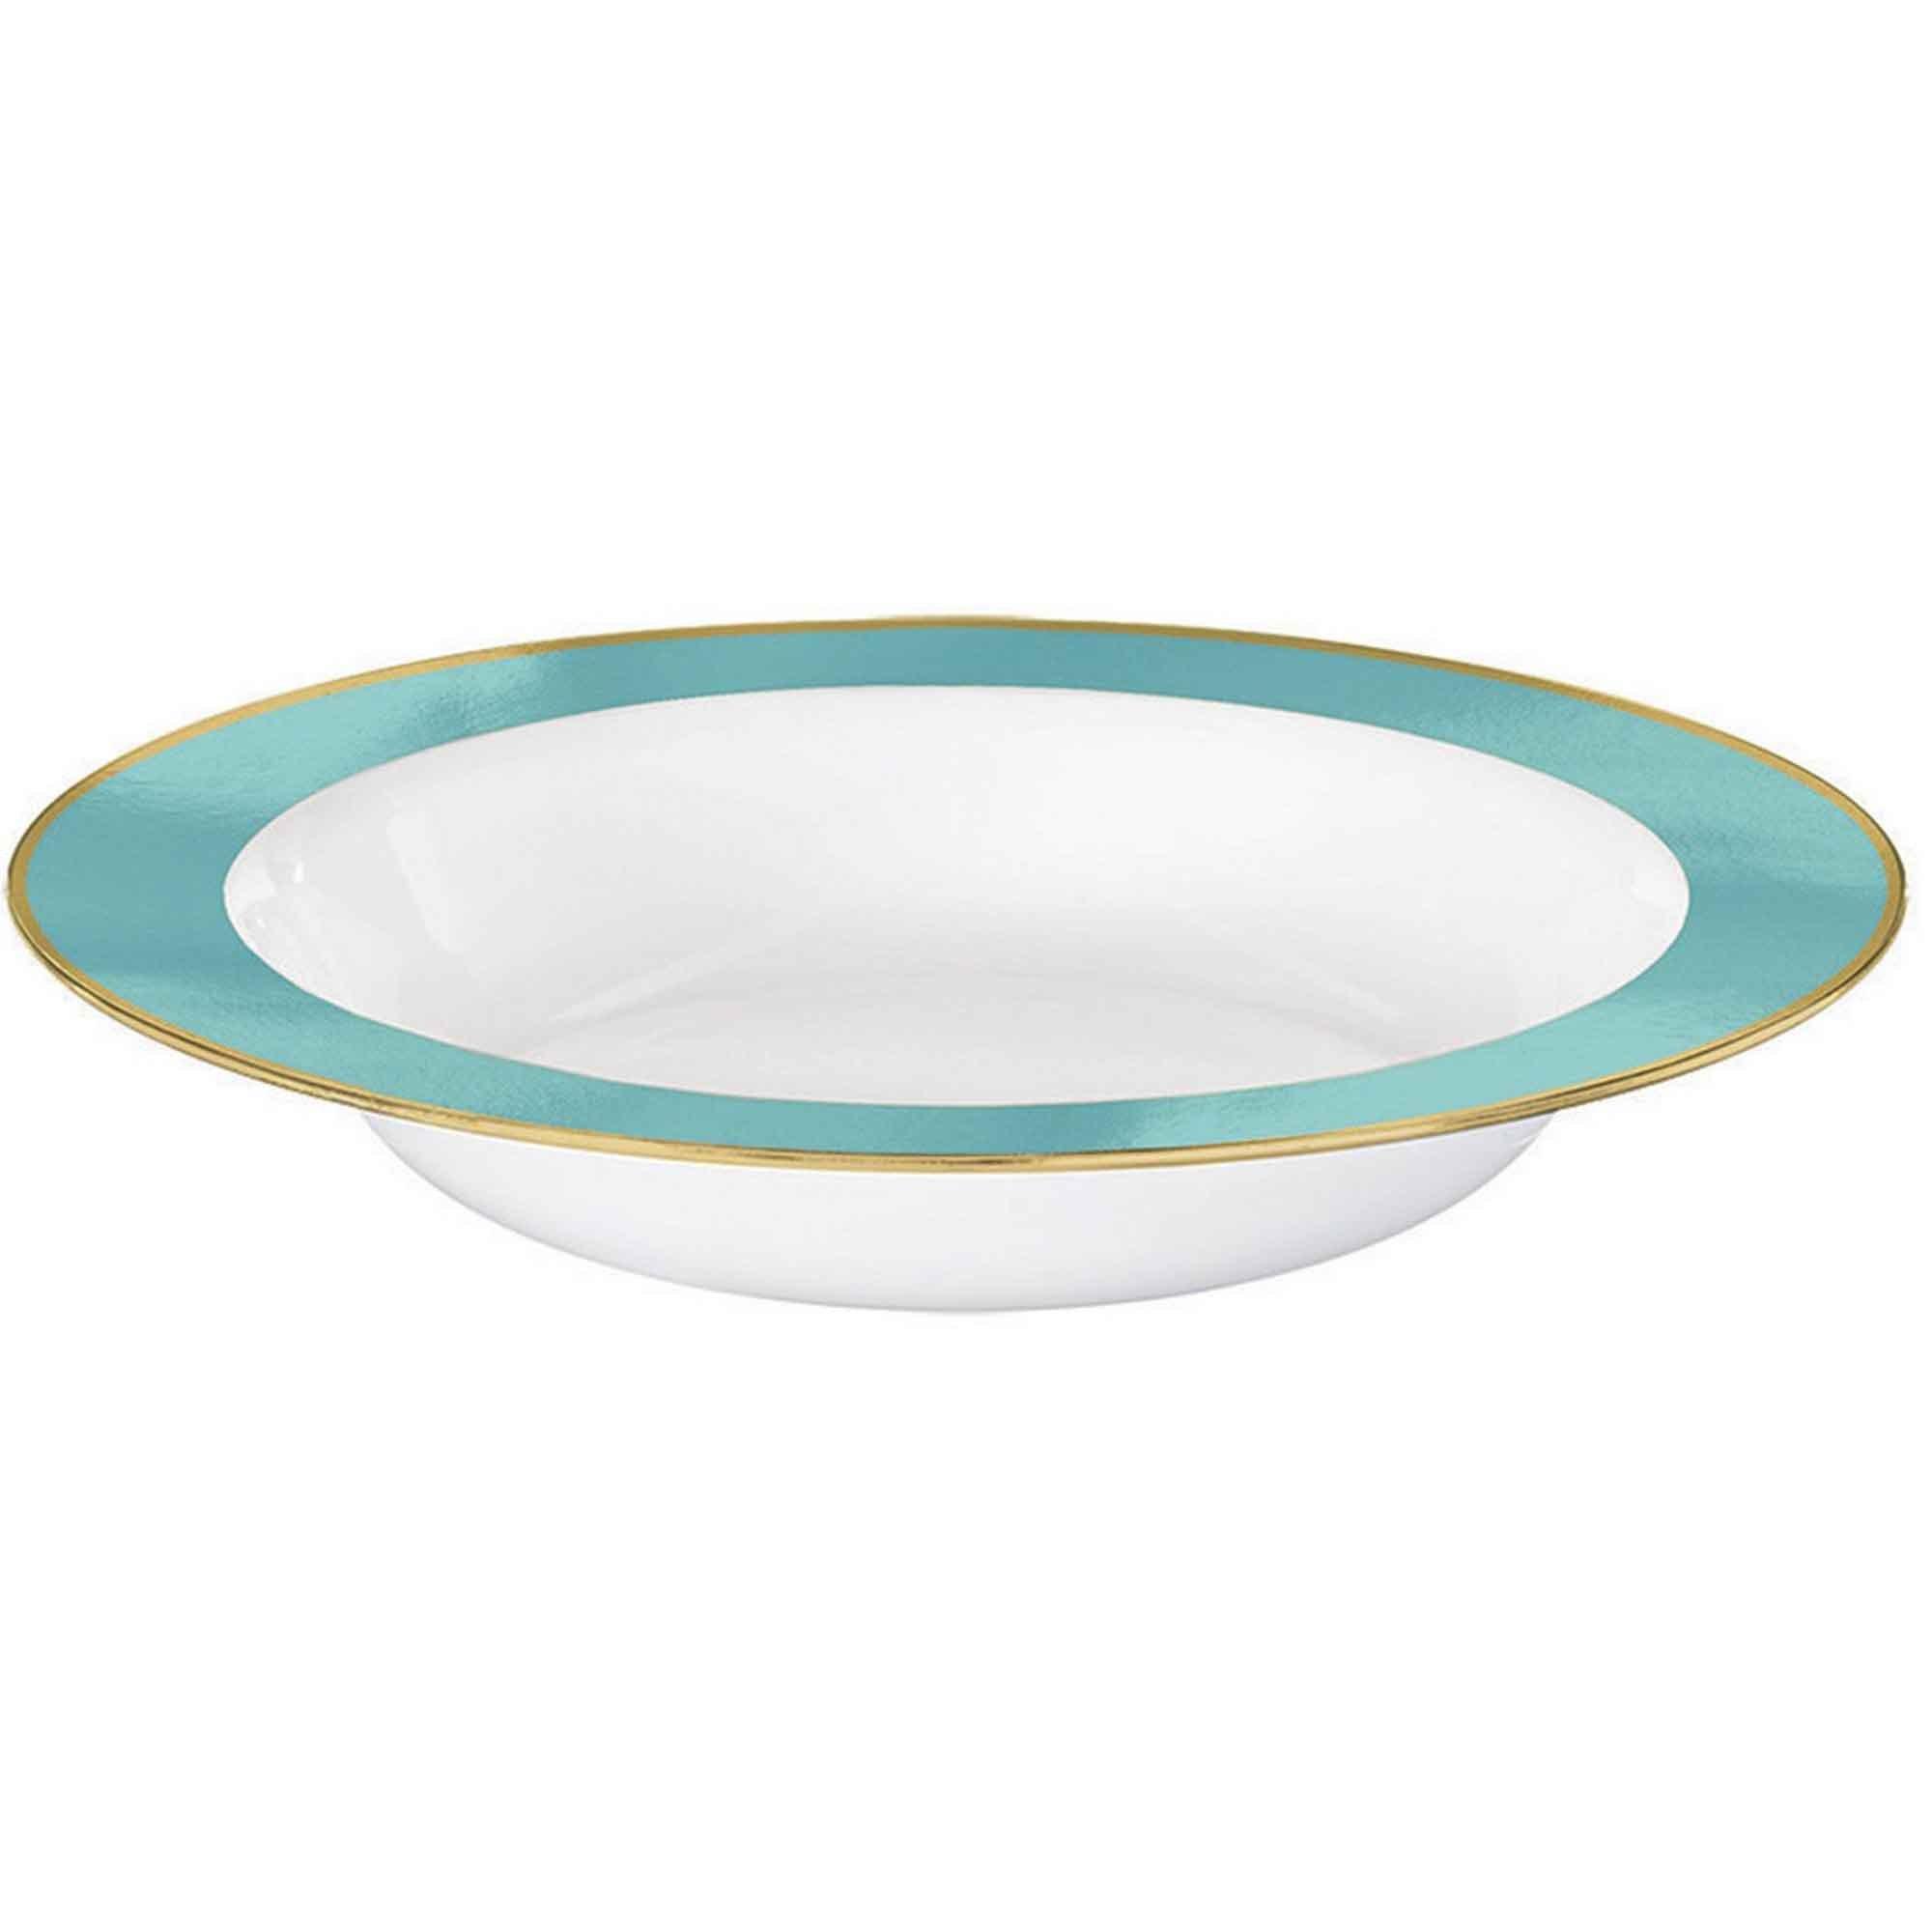 Premium Plastic Bowls 354ml White with Robin's Egg Blue Border